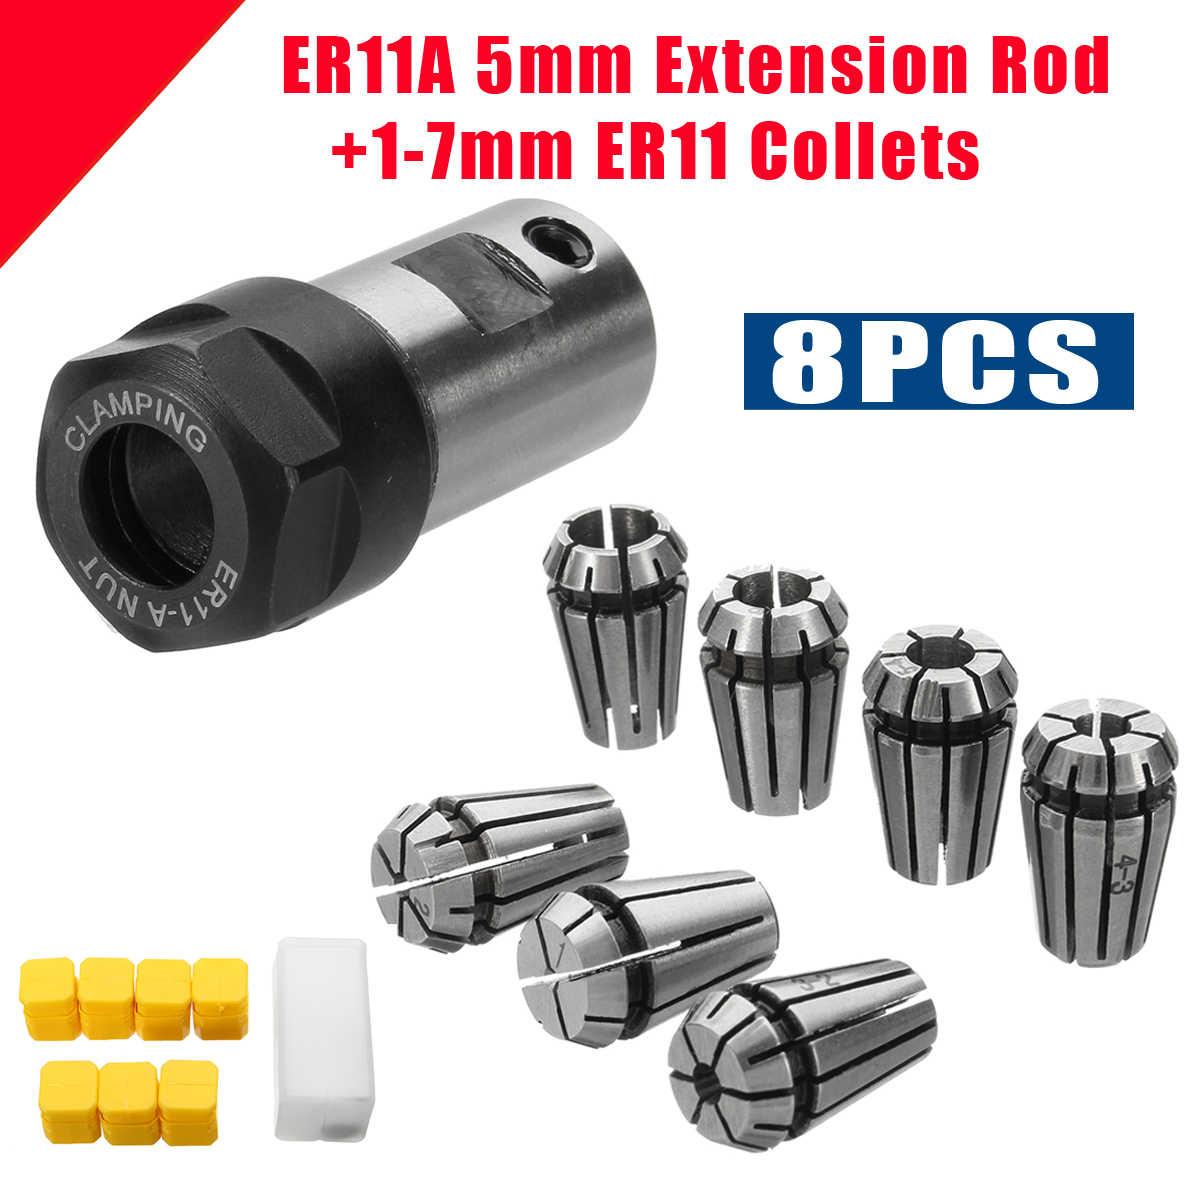 7 Pcs Aço de Carbono Elevado Primavera Collet ER11 ER11A 1/2/3/4/5/6 /7mm Set + 5mm Suporte Para Torno CNC Gravura Do Eixo Do Motor Extensão Da Haste